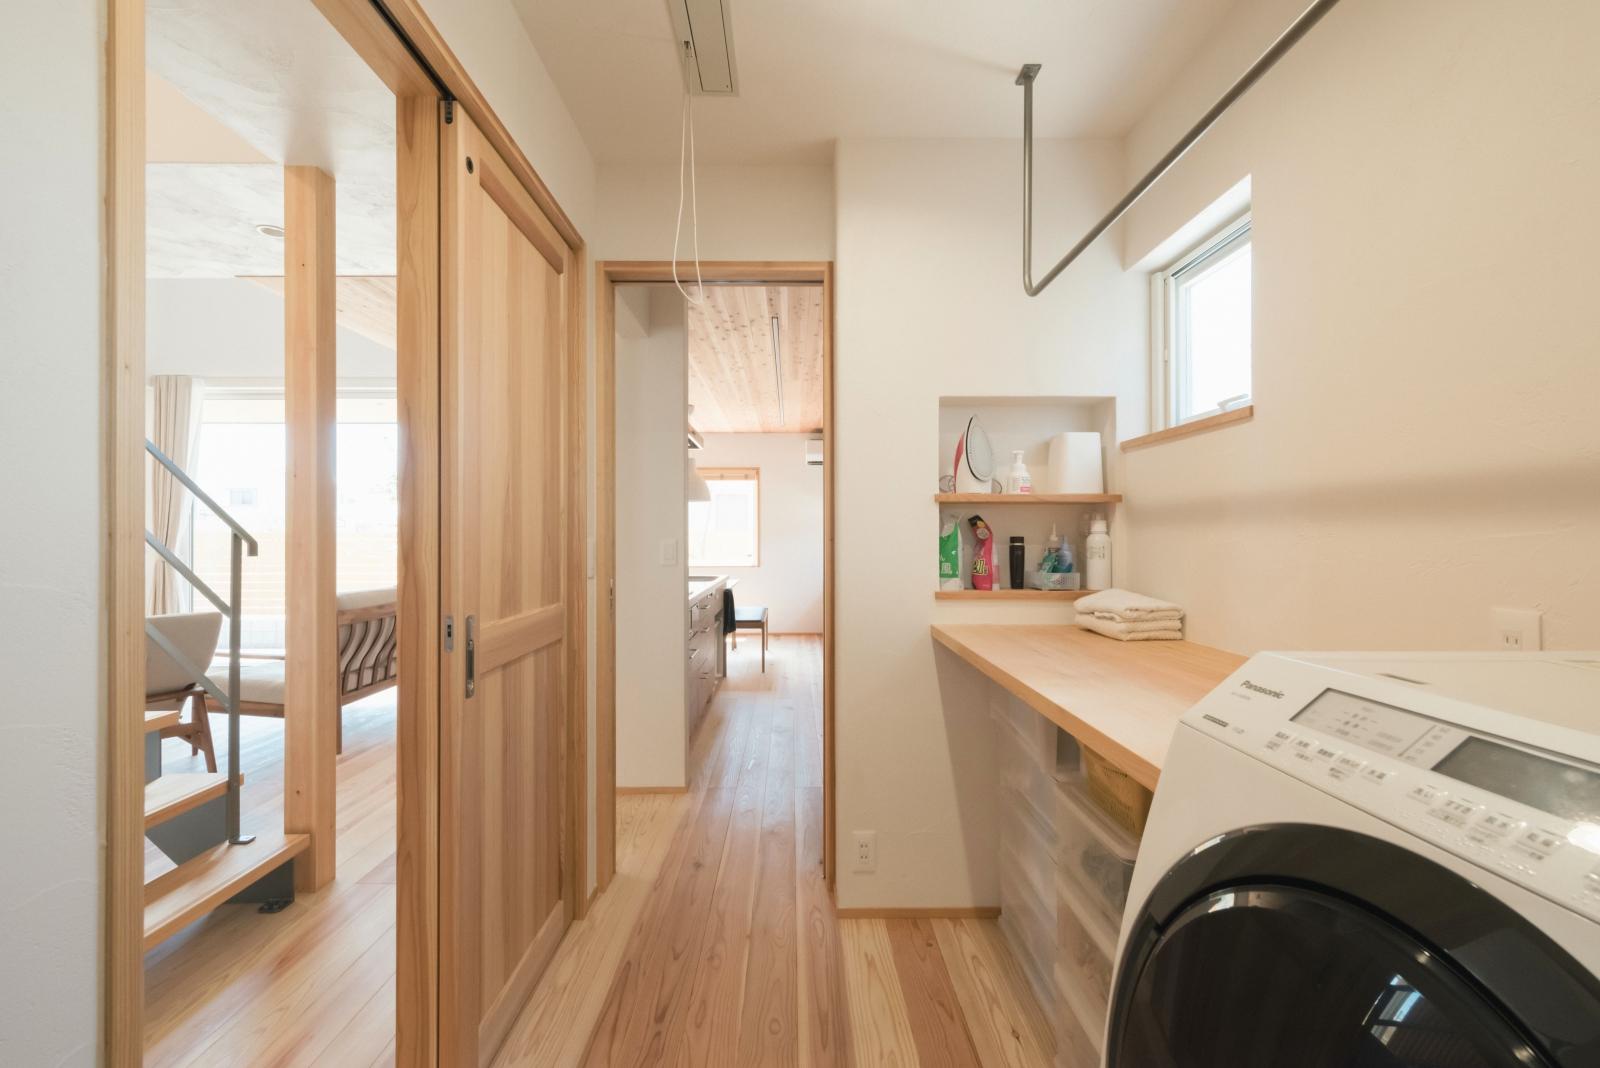 キッチン隣の脱衣室兼ランドリ―ルーム